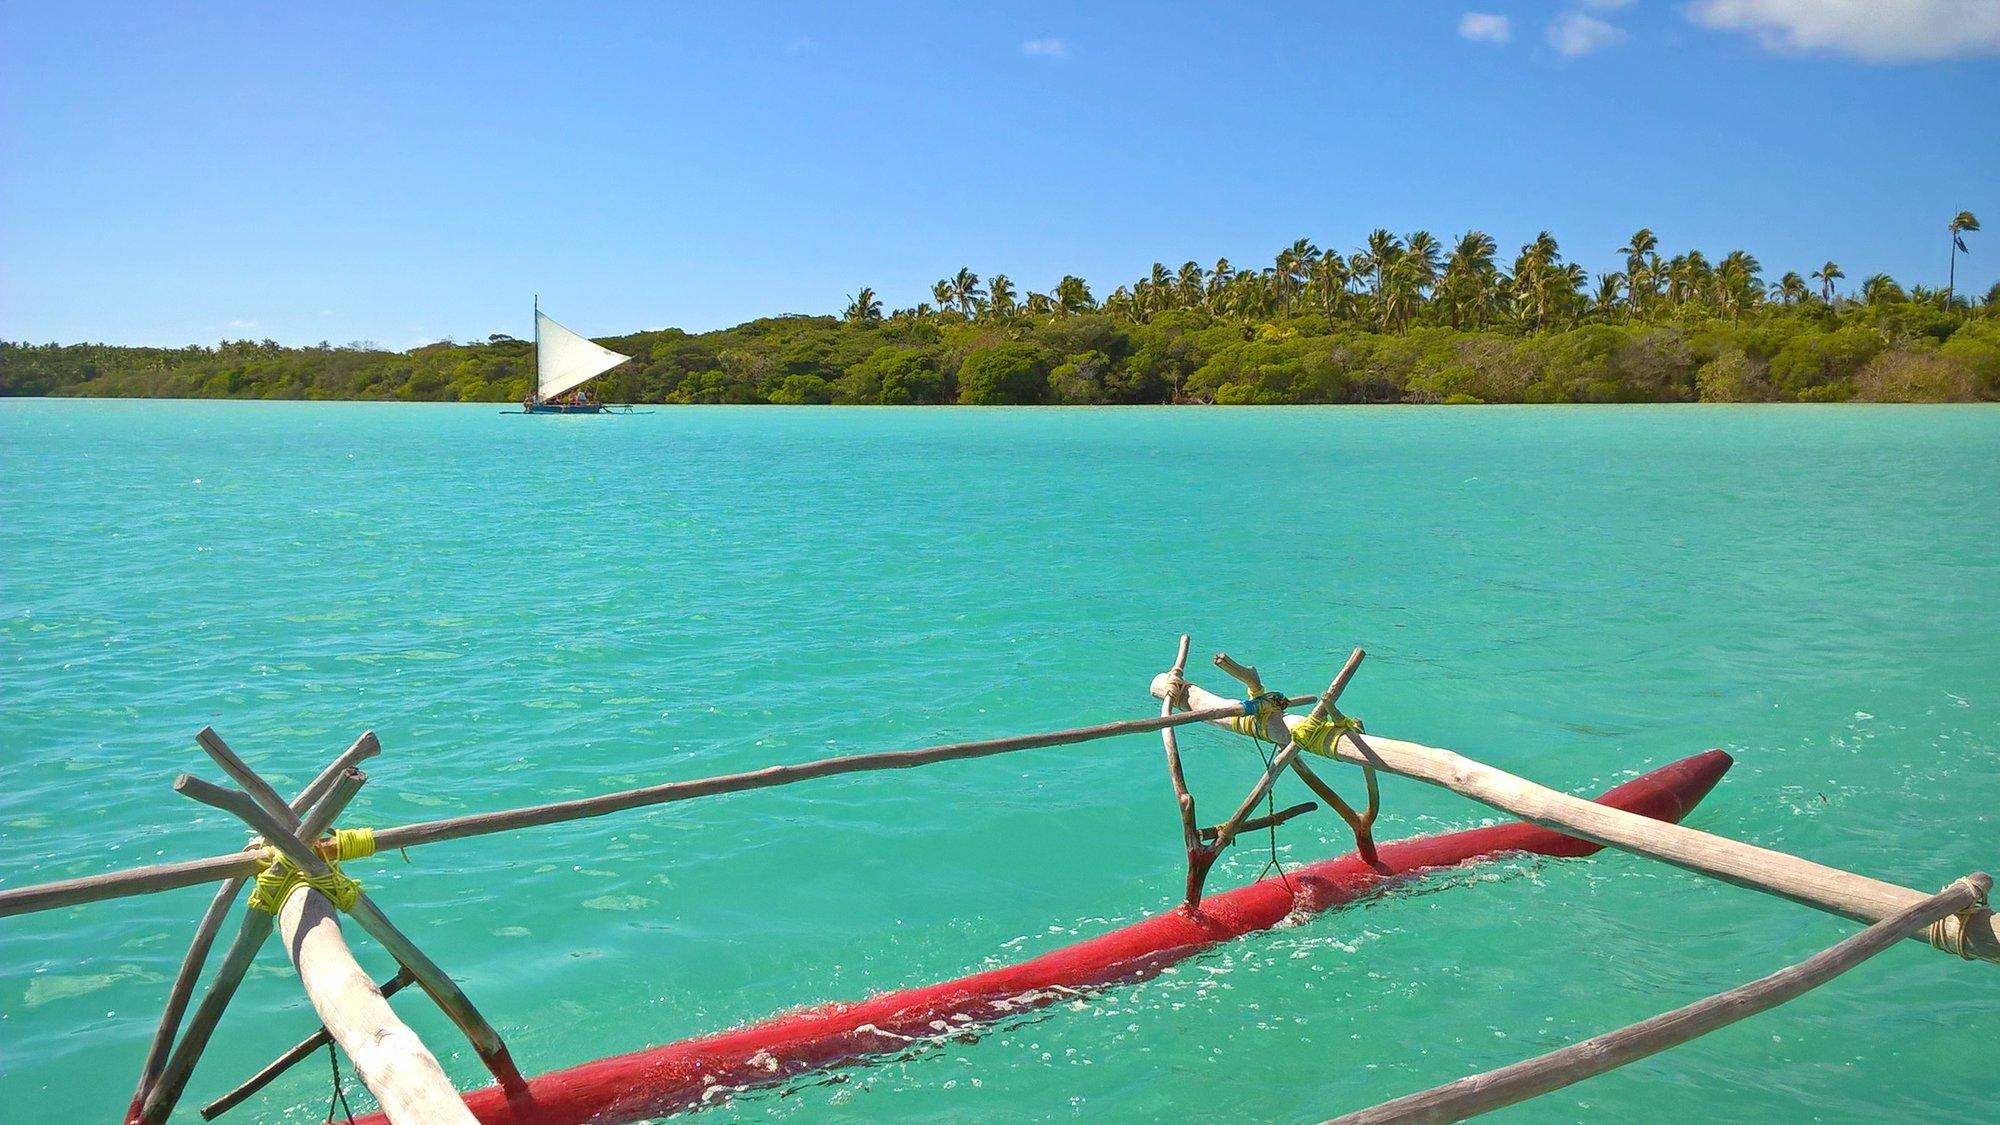 turisti si môžu užiť plavbu plachetnicou